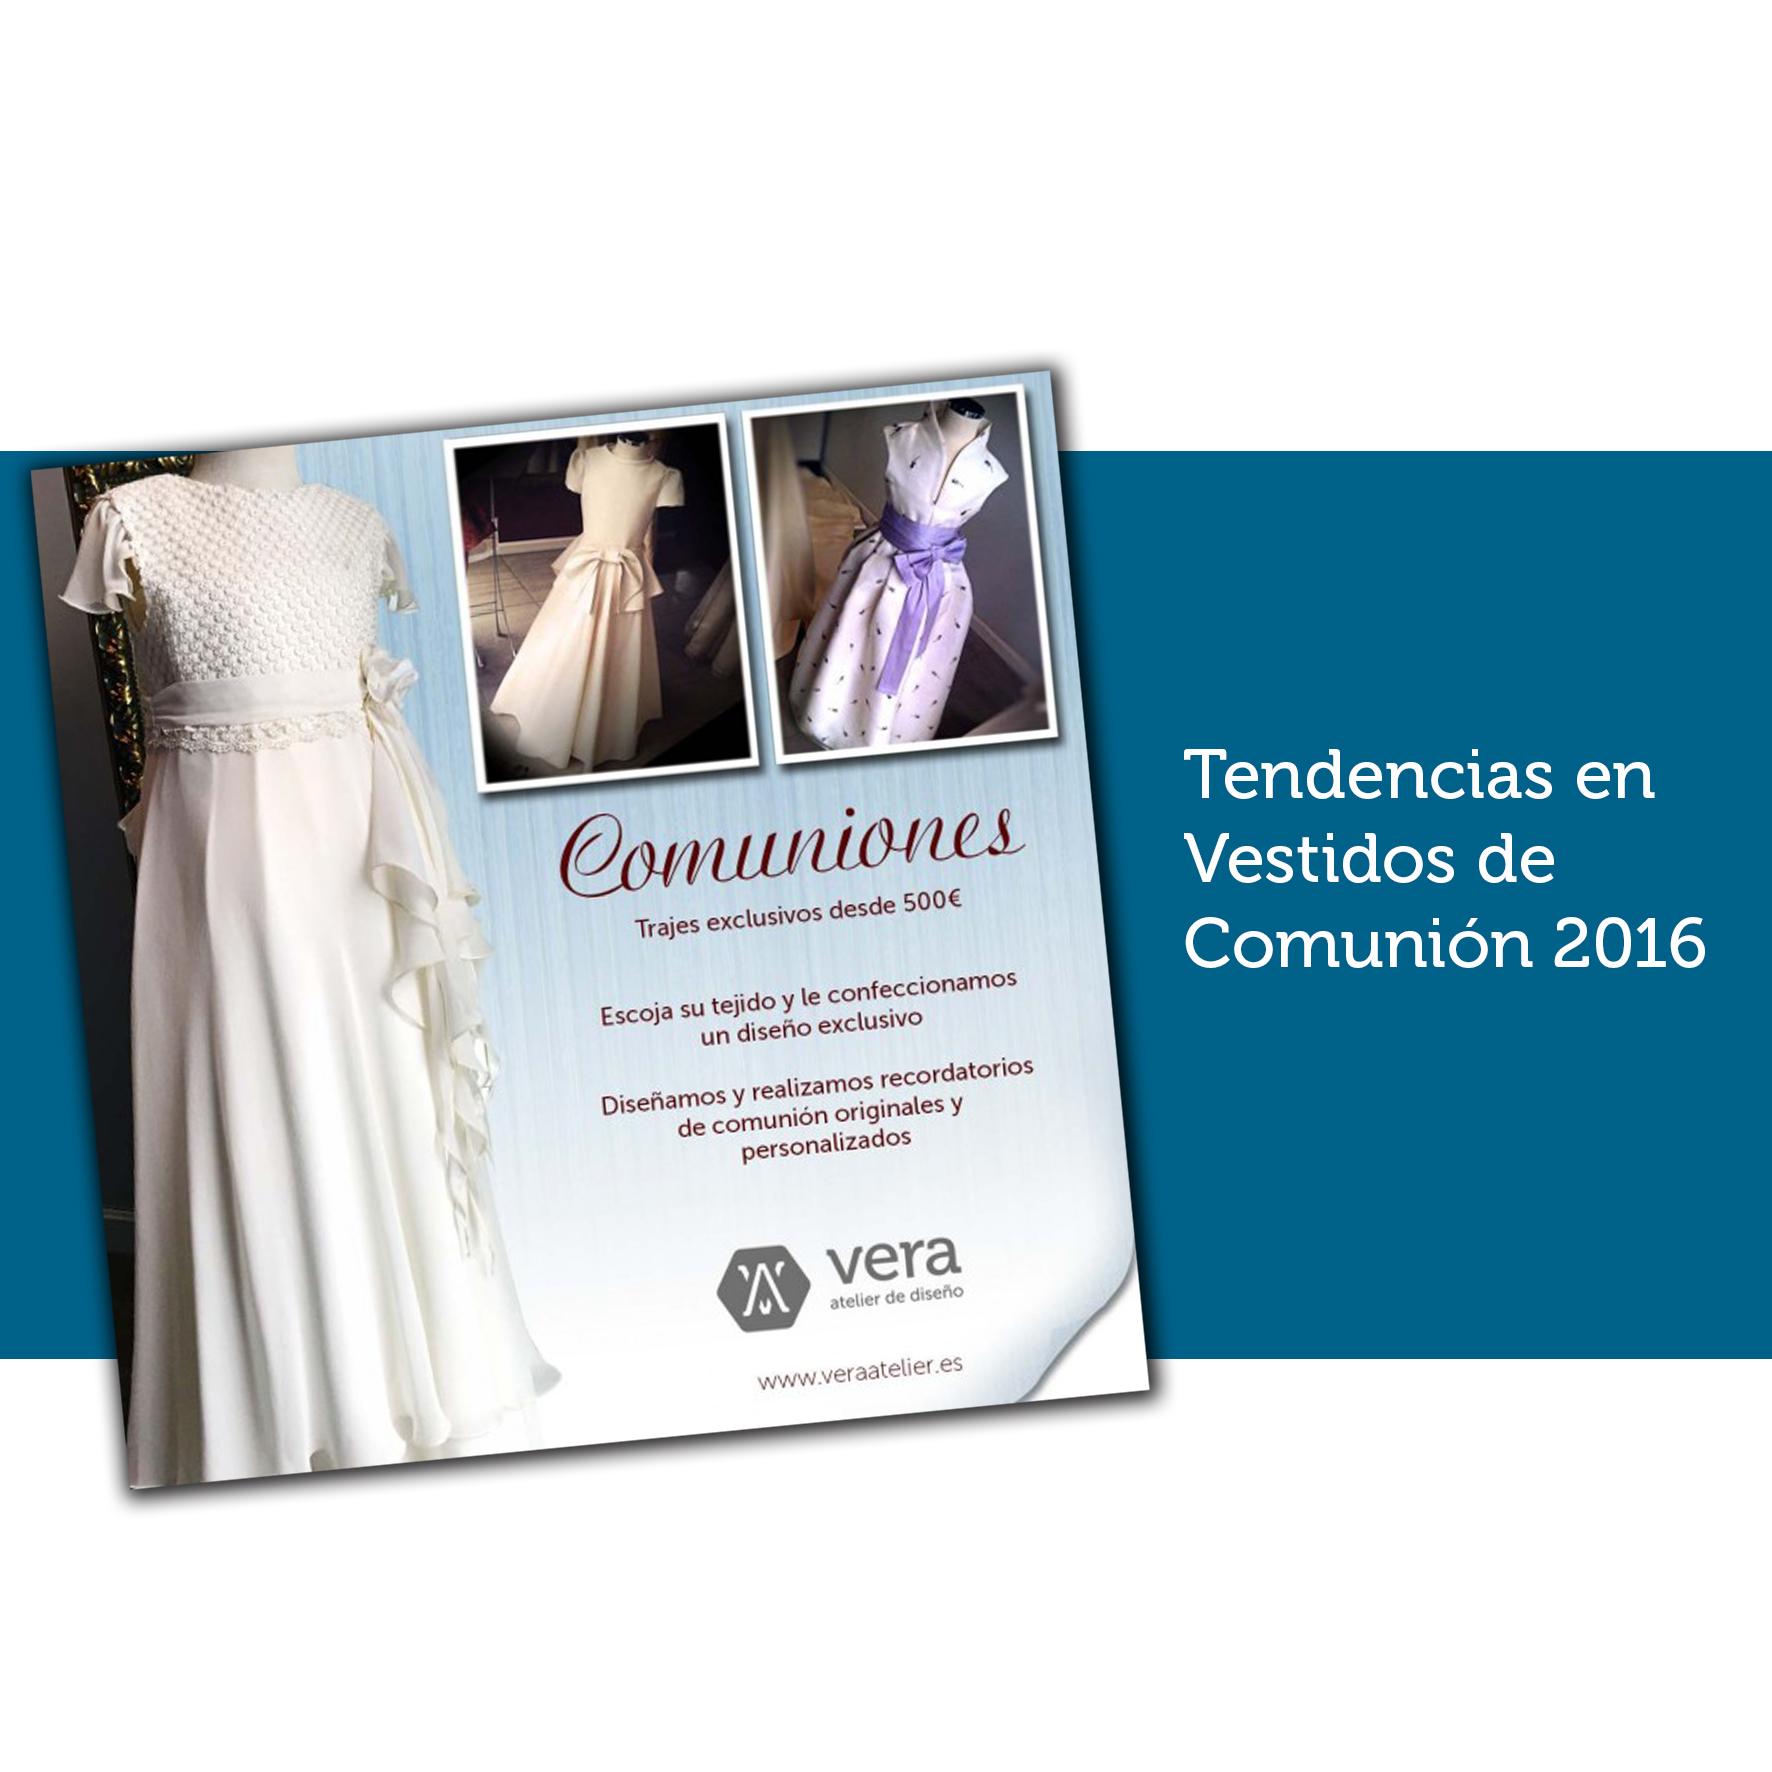 Tendencias en vestidos de comuni n 2016 vera atelier for Tendencias en interiorismo 2016